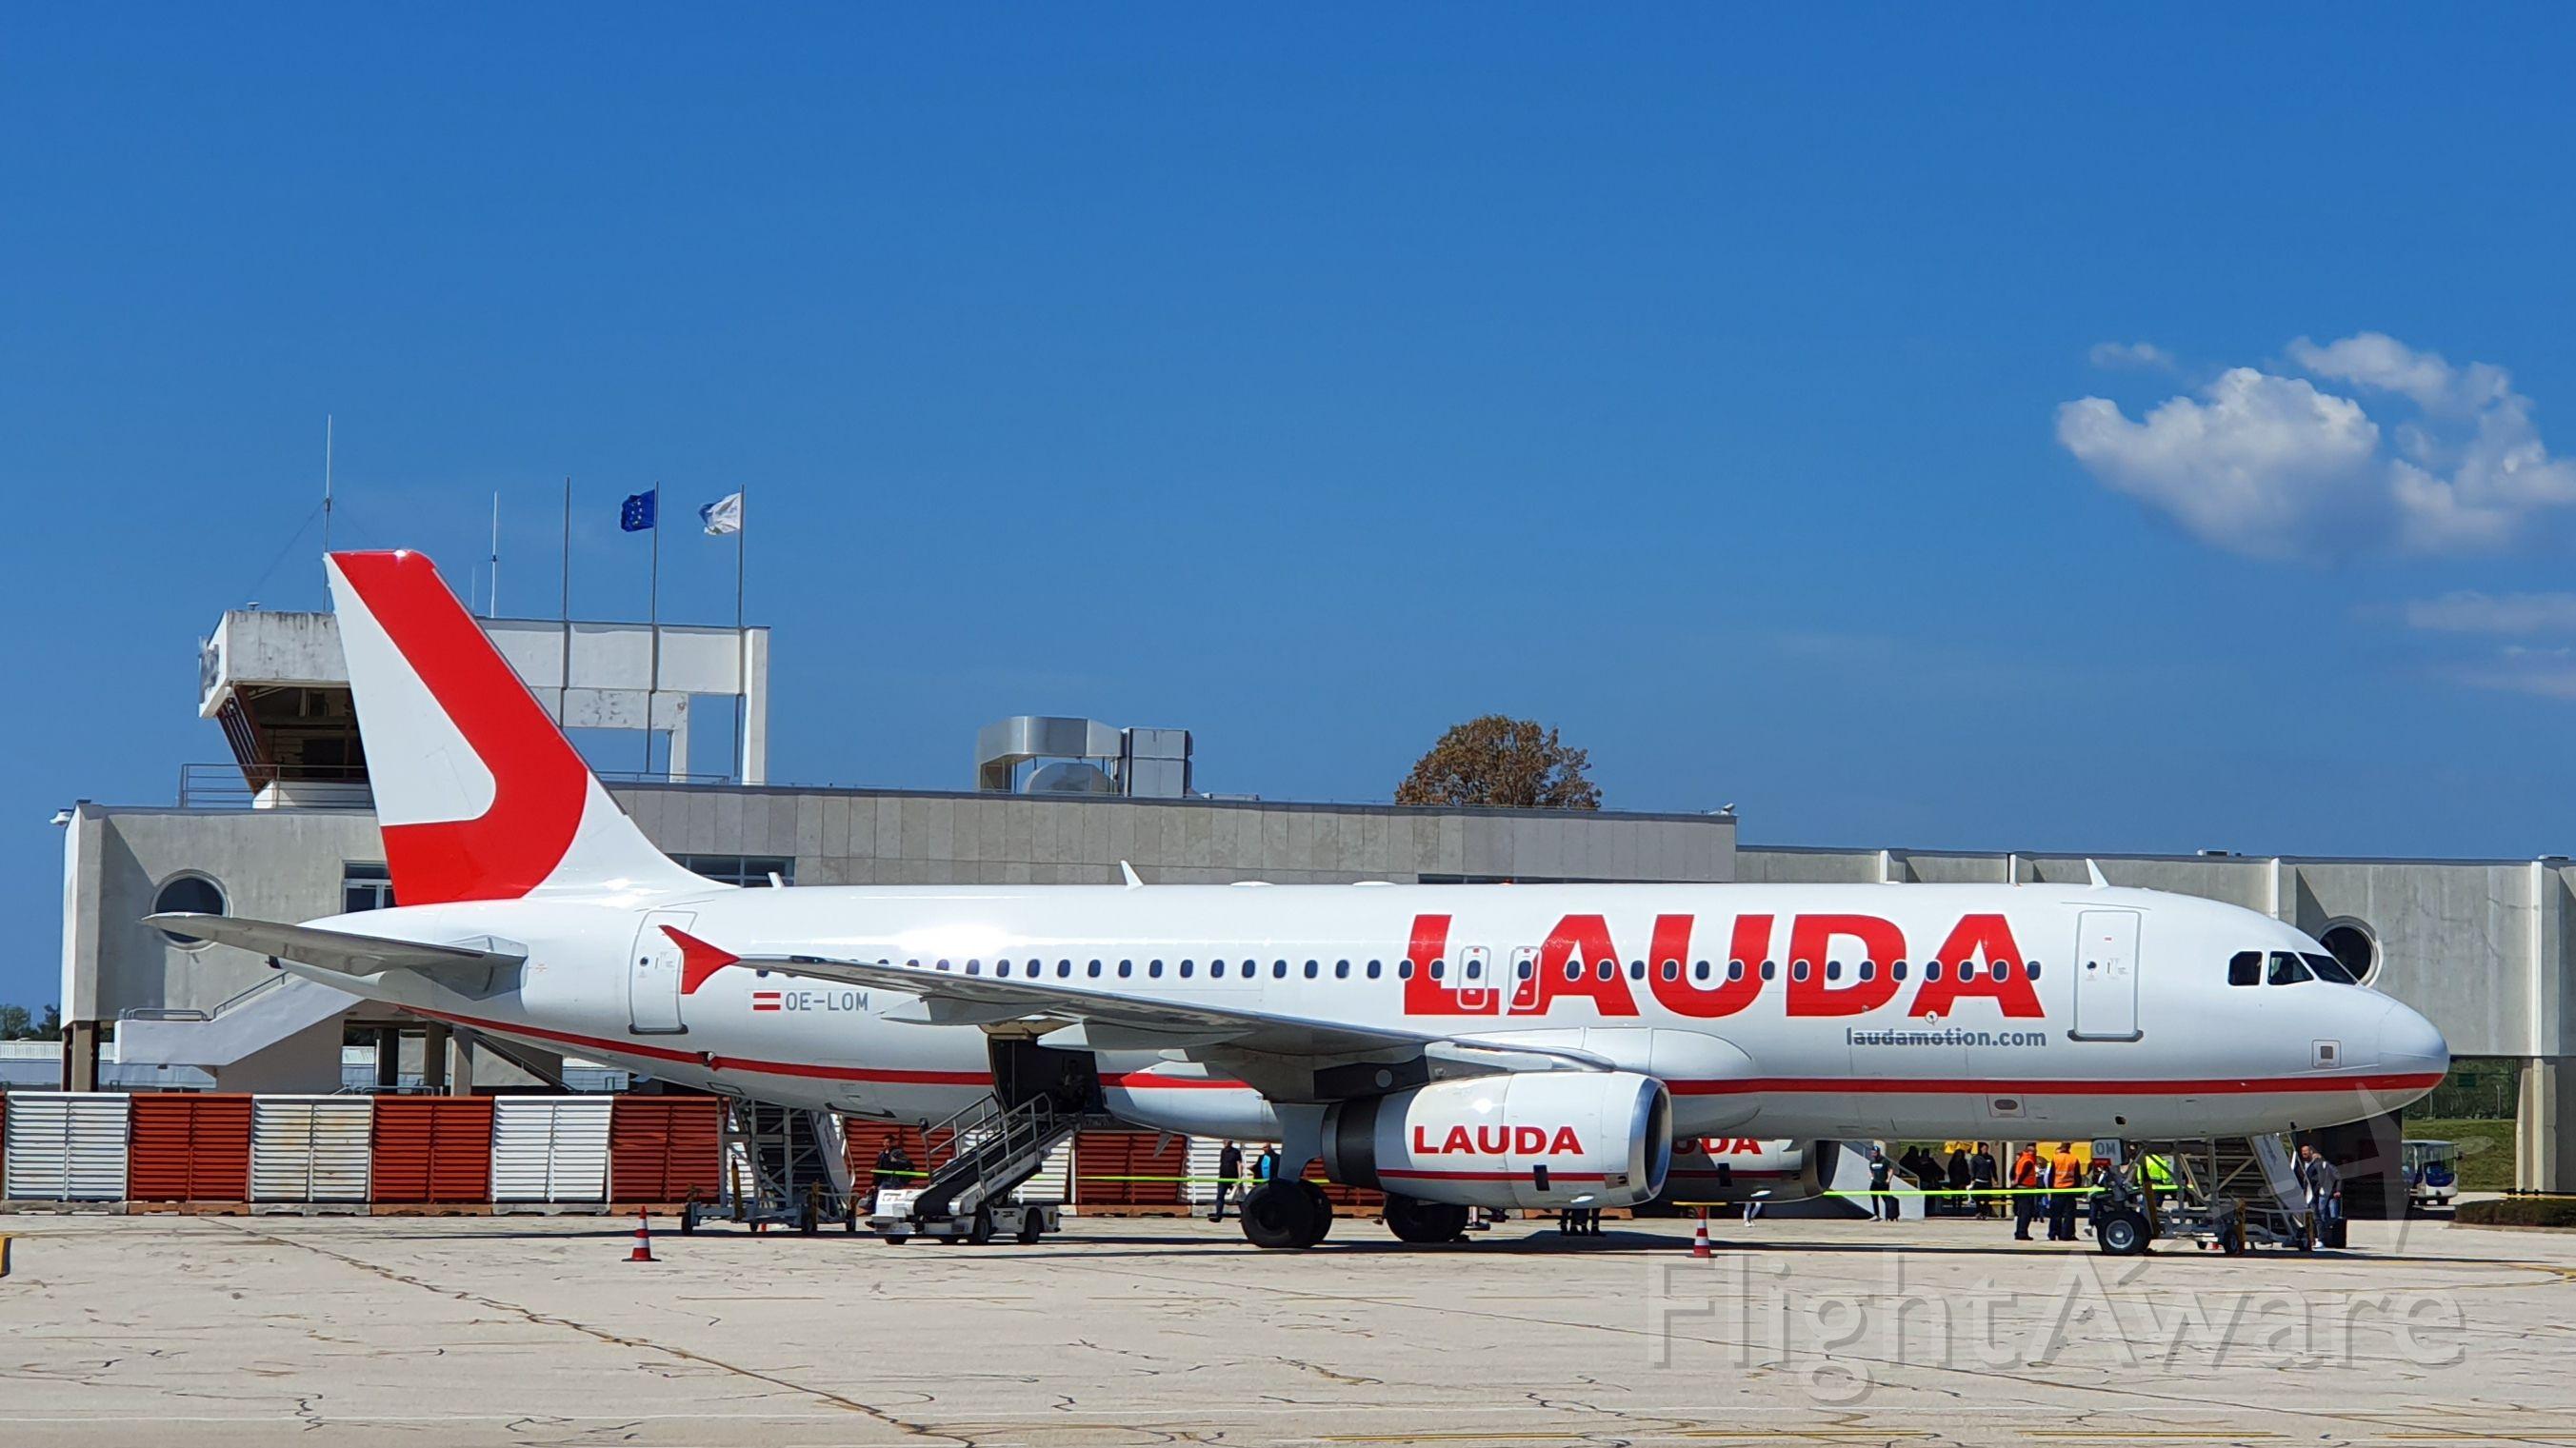 Airbus A320 (OE-LOM) - Warten auf Pasagiere nach Stuttgart. 10:18 UTC